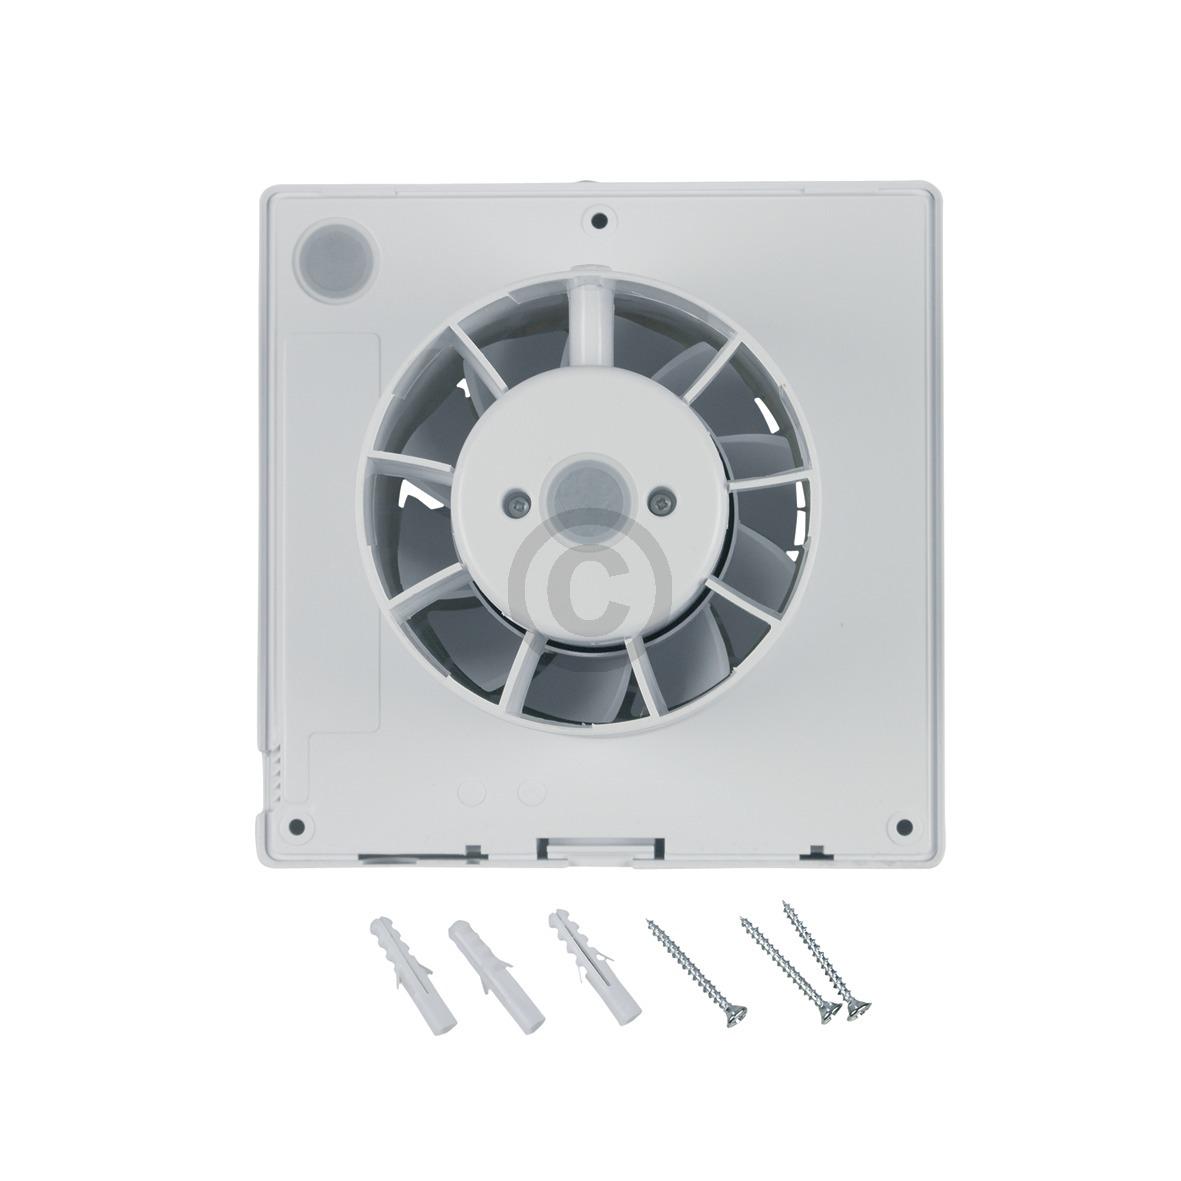 Wohnraumventilator 100erR mit Feuchtesensor für Wand Bad Toilette etc Wandlüfter